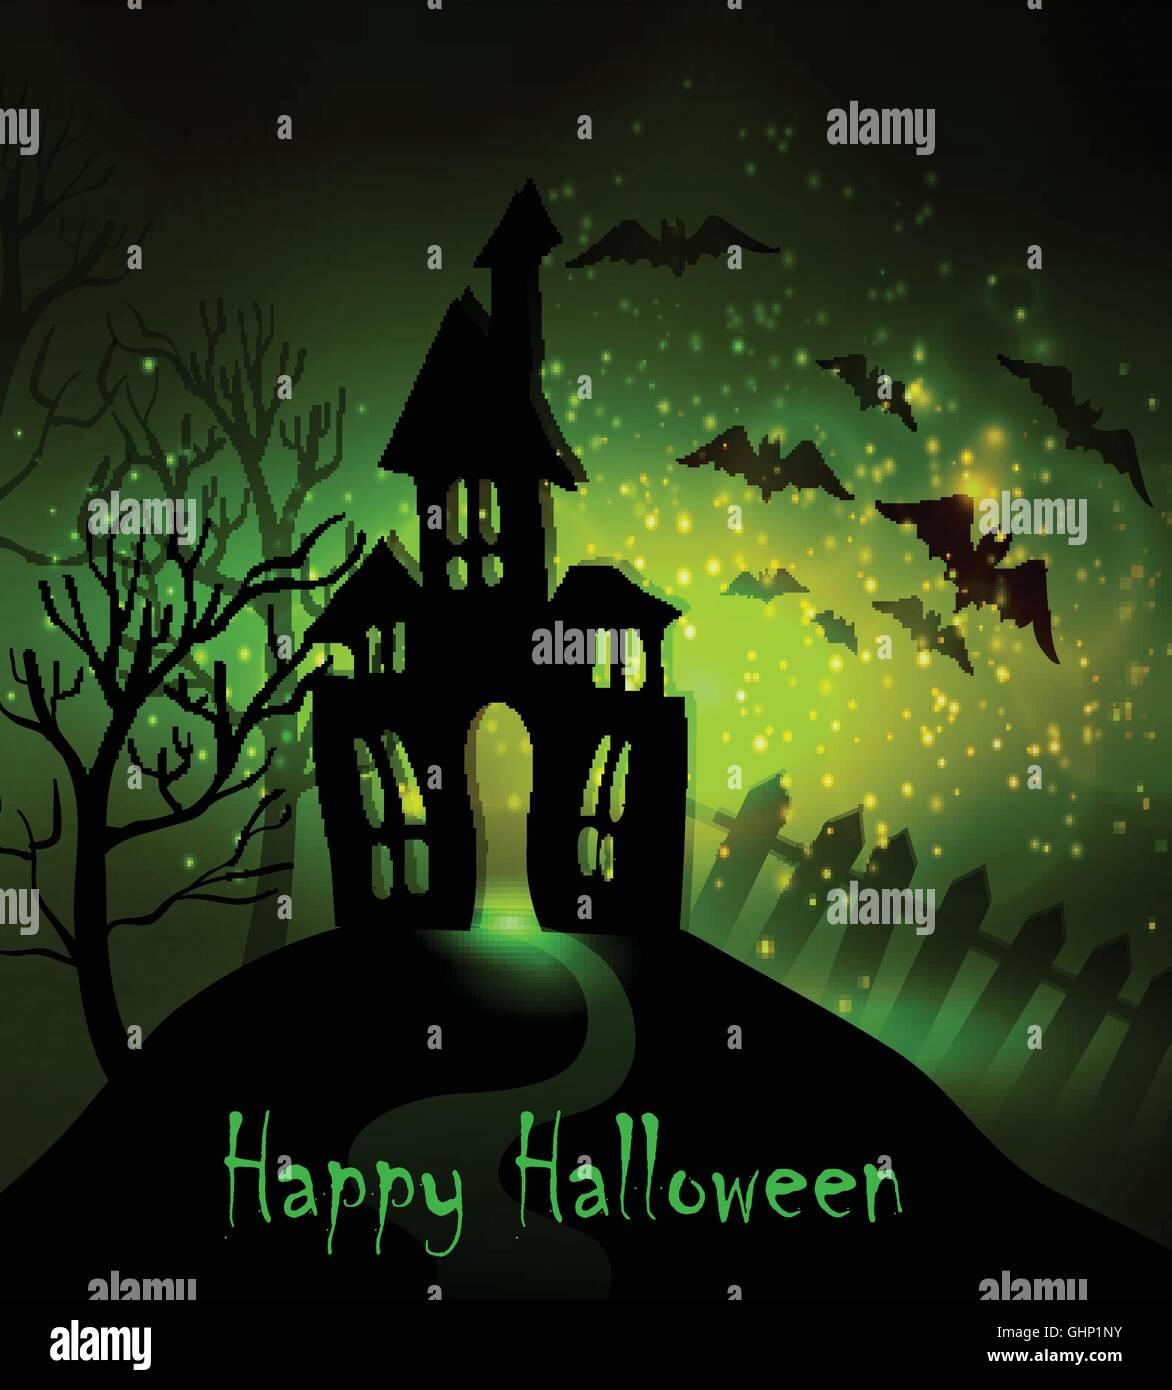 Halloween Haunted House Stock Vector Image Art Alamy